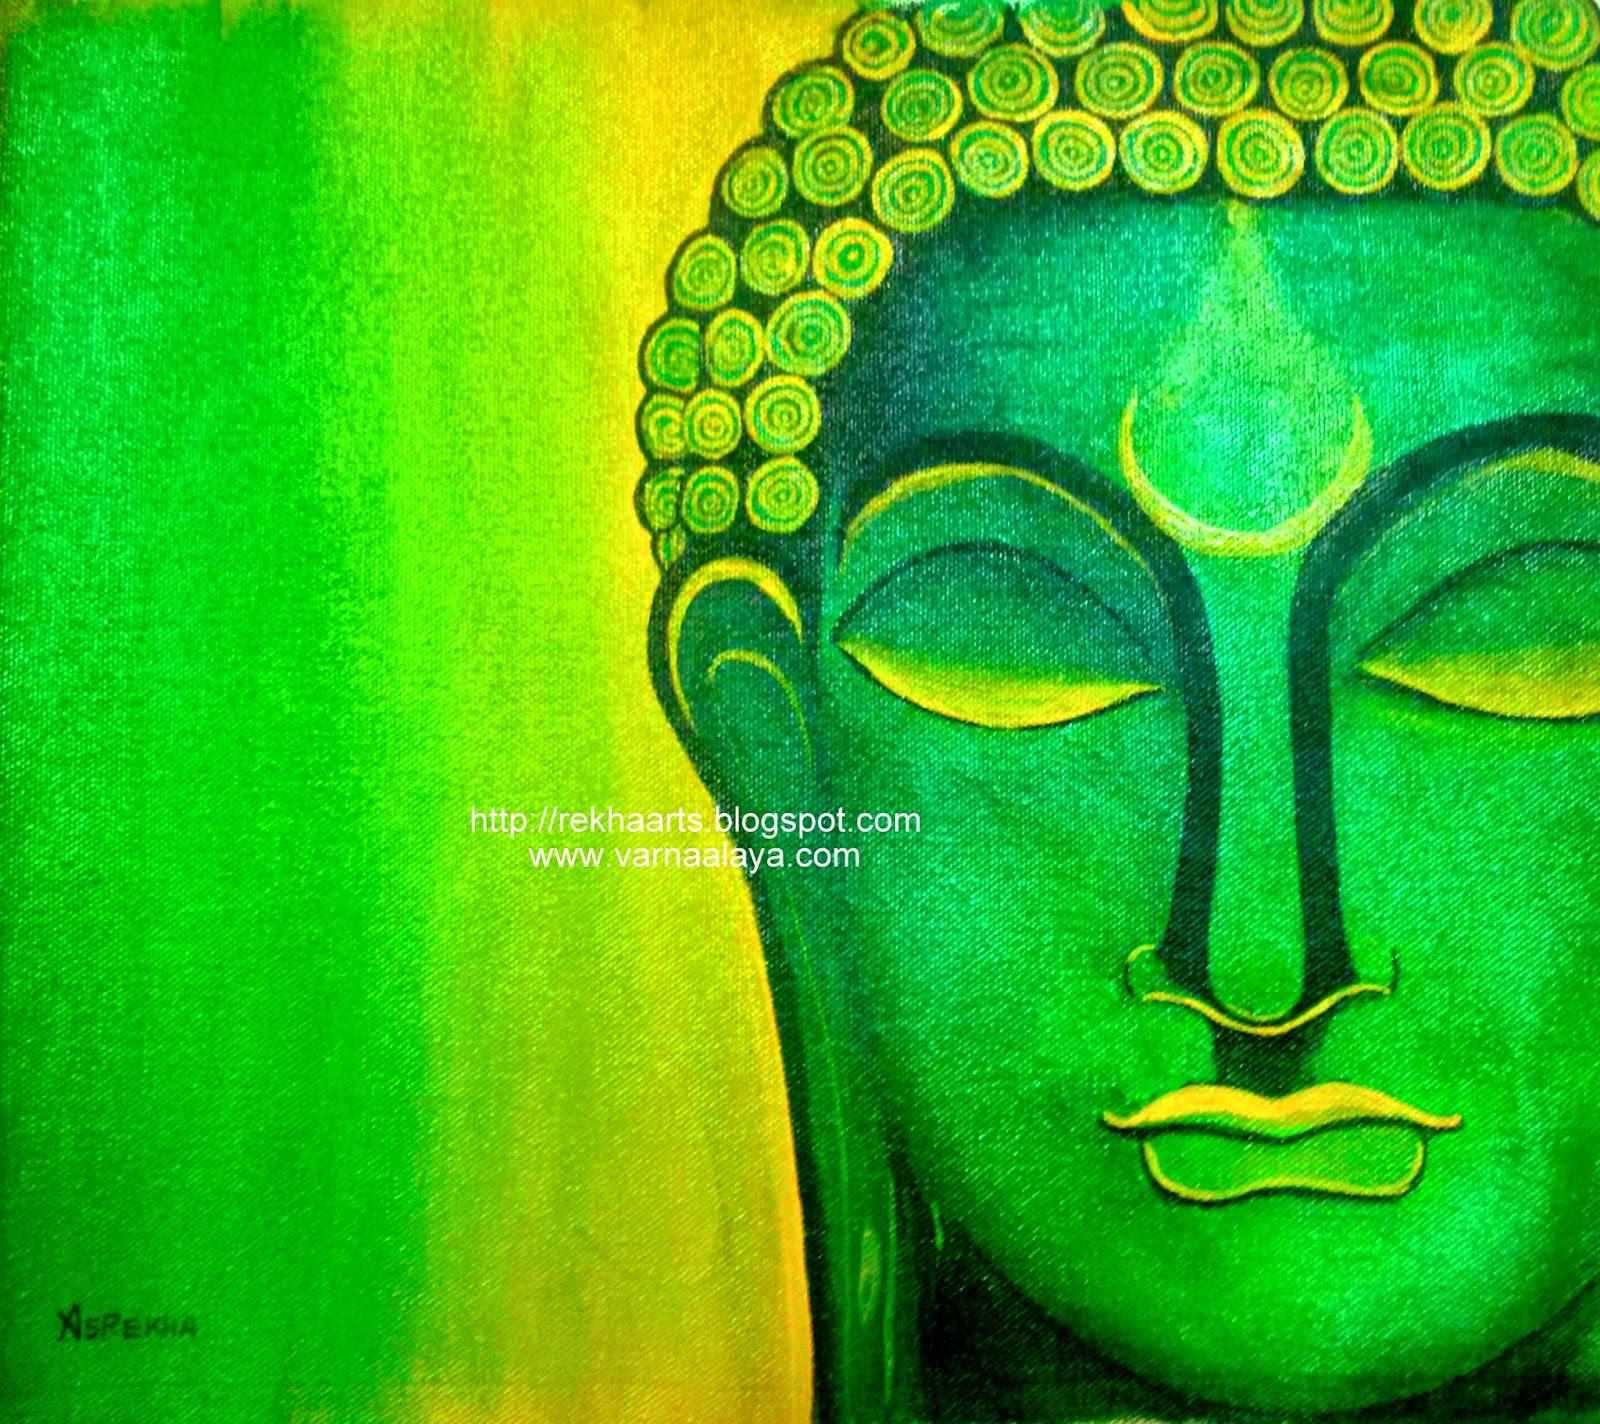 Varnaalaya Buddha Painting